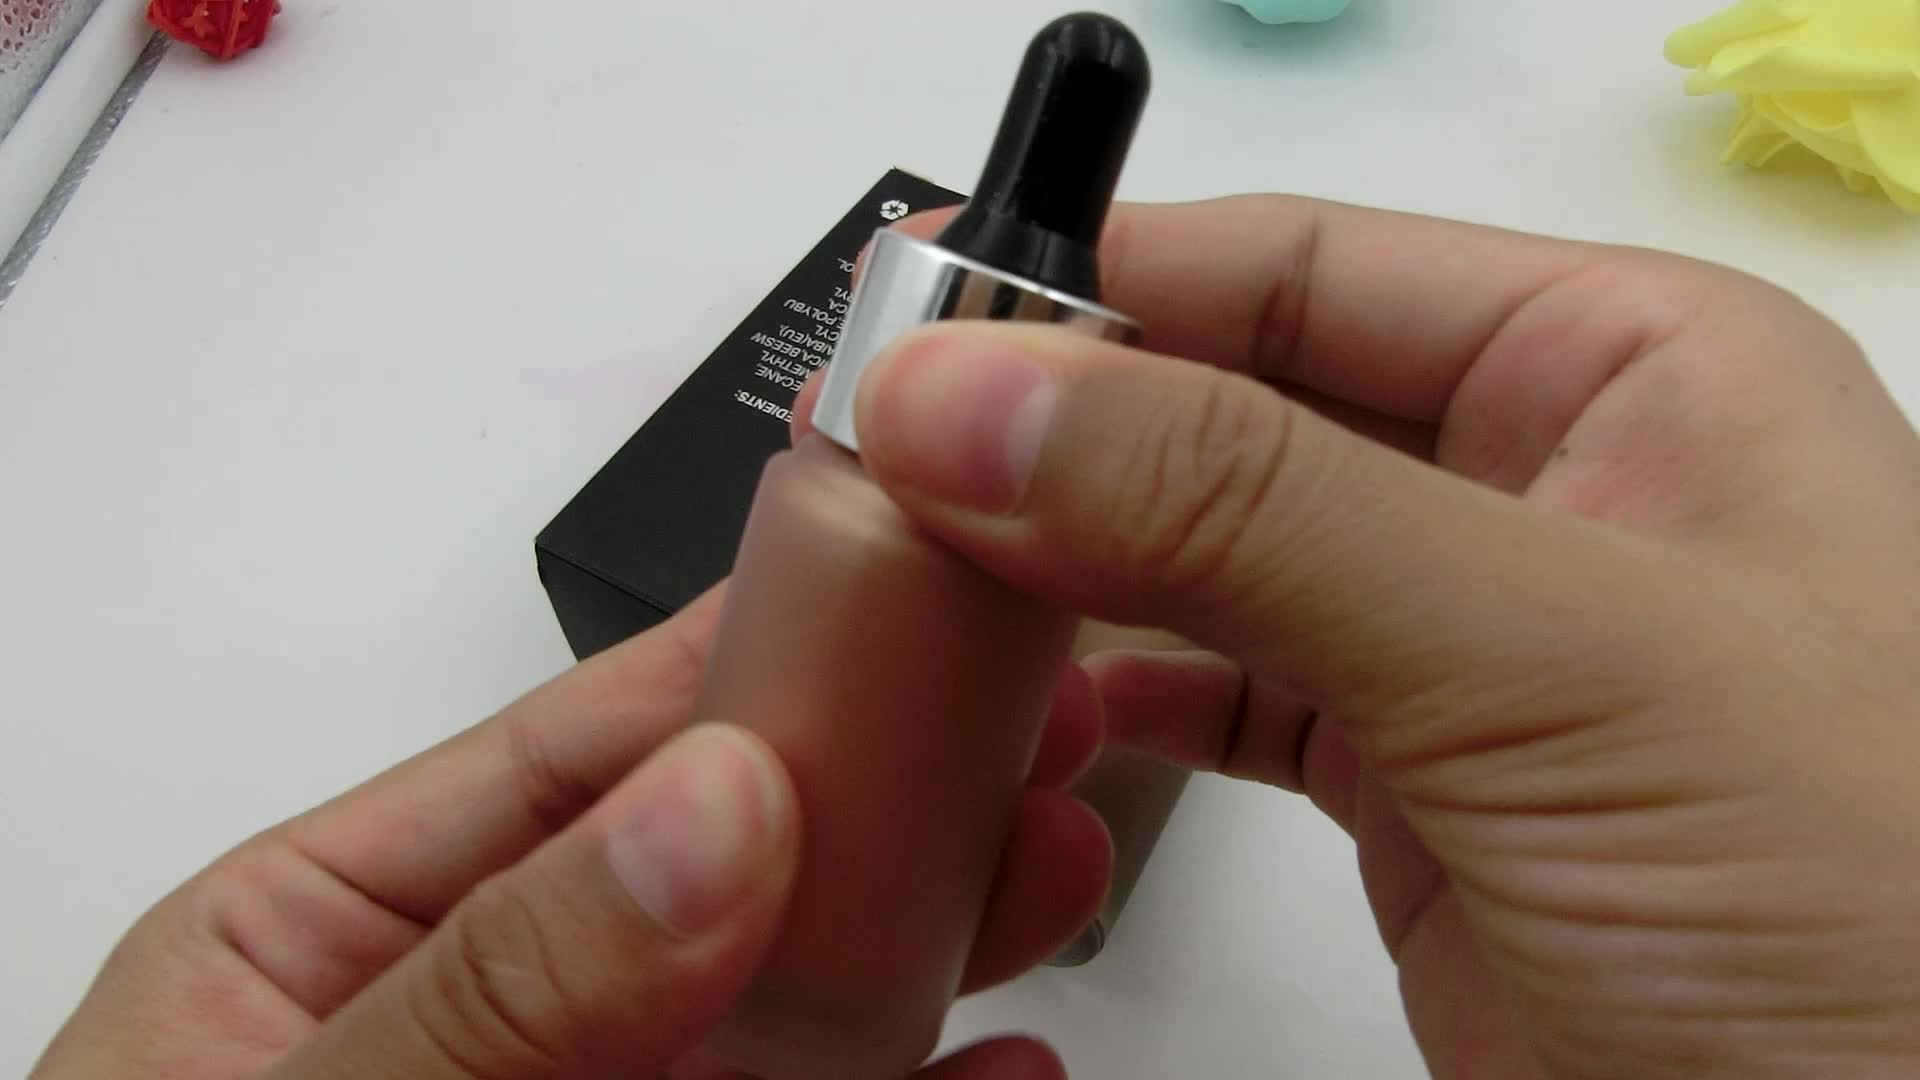 Marka OEM organik kozmetik 3 renk yüz makyaj özel etiket kendi gri fosforlu sıvı tüm vücut highlighters